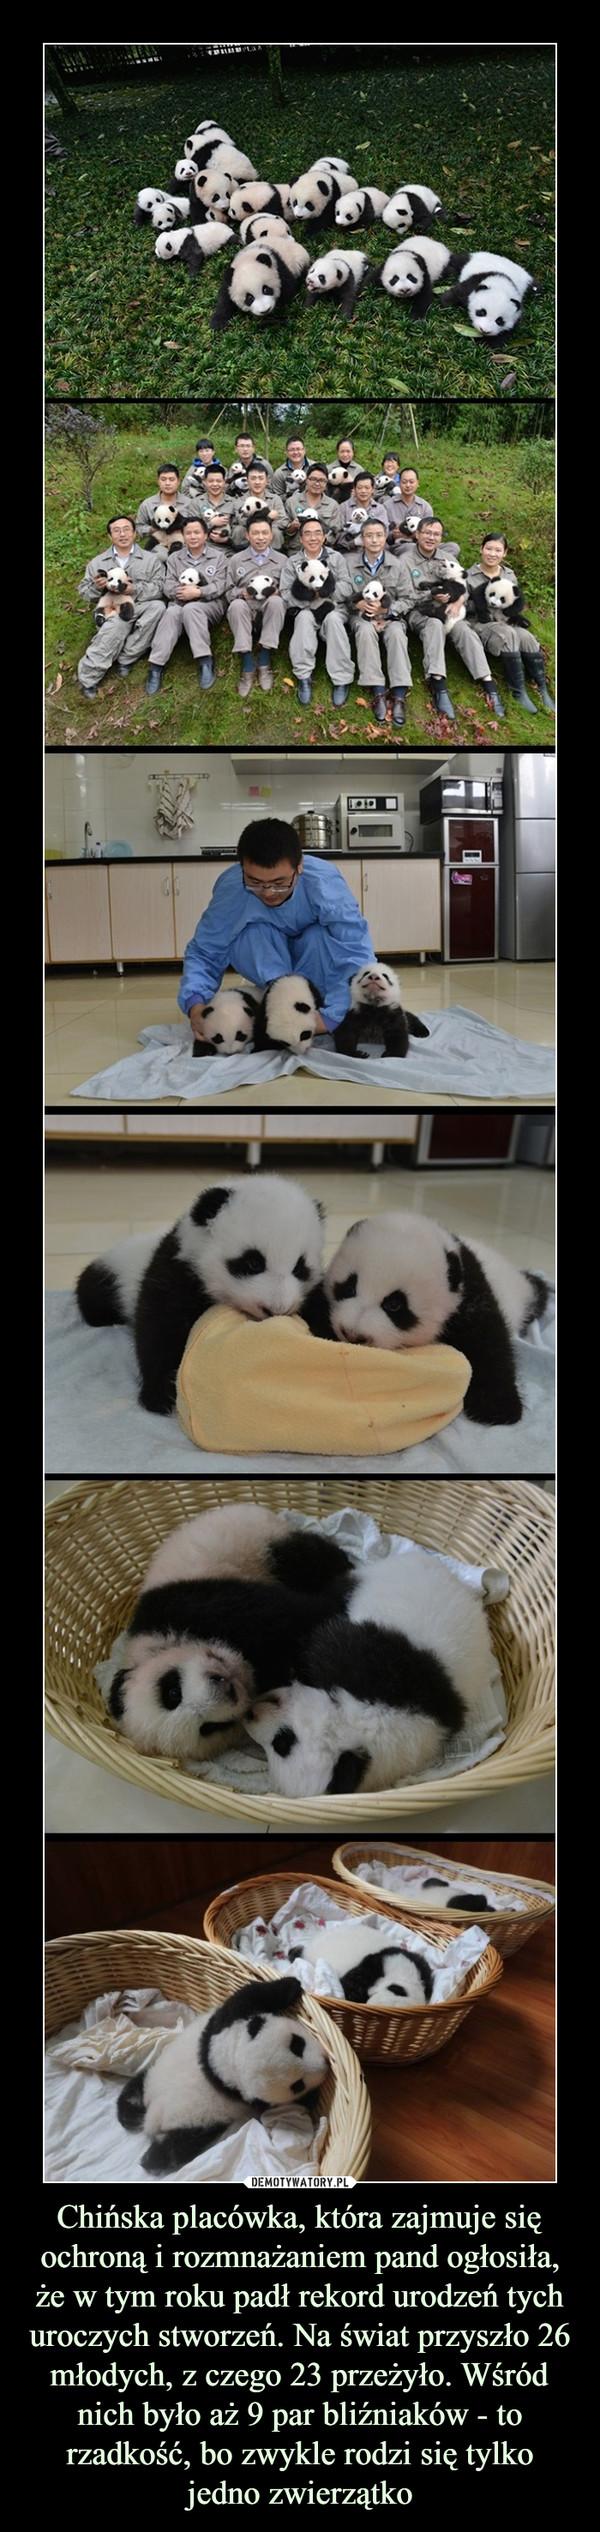 Chińska placówka, która zajmuje się ochroną i rozmnażaniem pand ogłosiła, że w tym roku padł rekord urodzeń tych uroczych stworzeń. Na świat przyszło 26 młodych, z czego 23 przeżyło. Wśródnich było aż 9 par bliźniaków - to rzadkość, bo zwykle rodzi się tylko jedno zwierzątko –